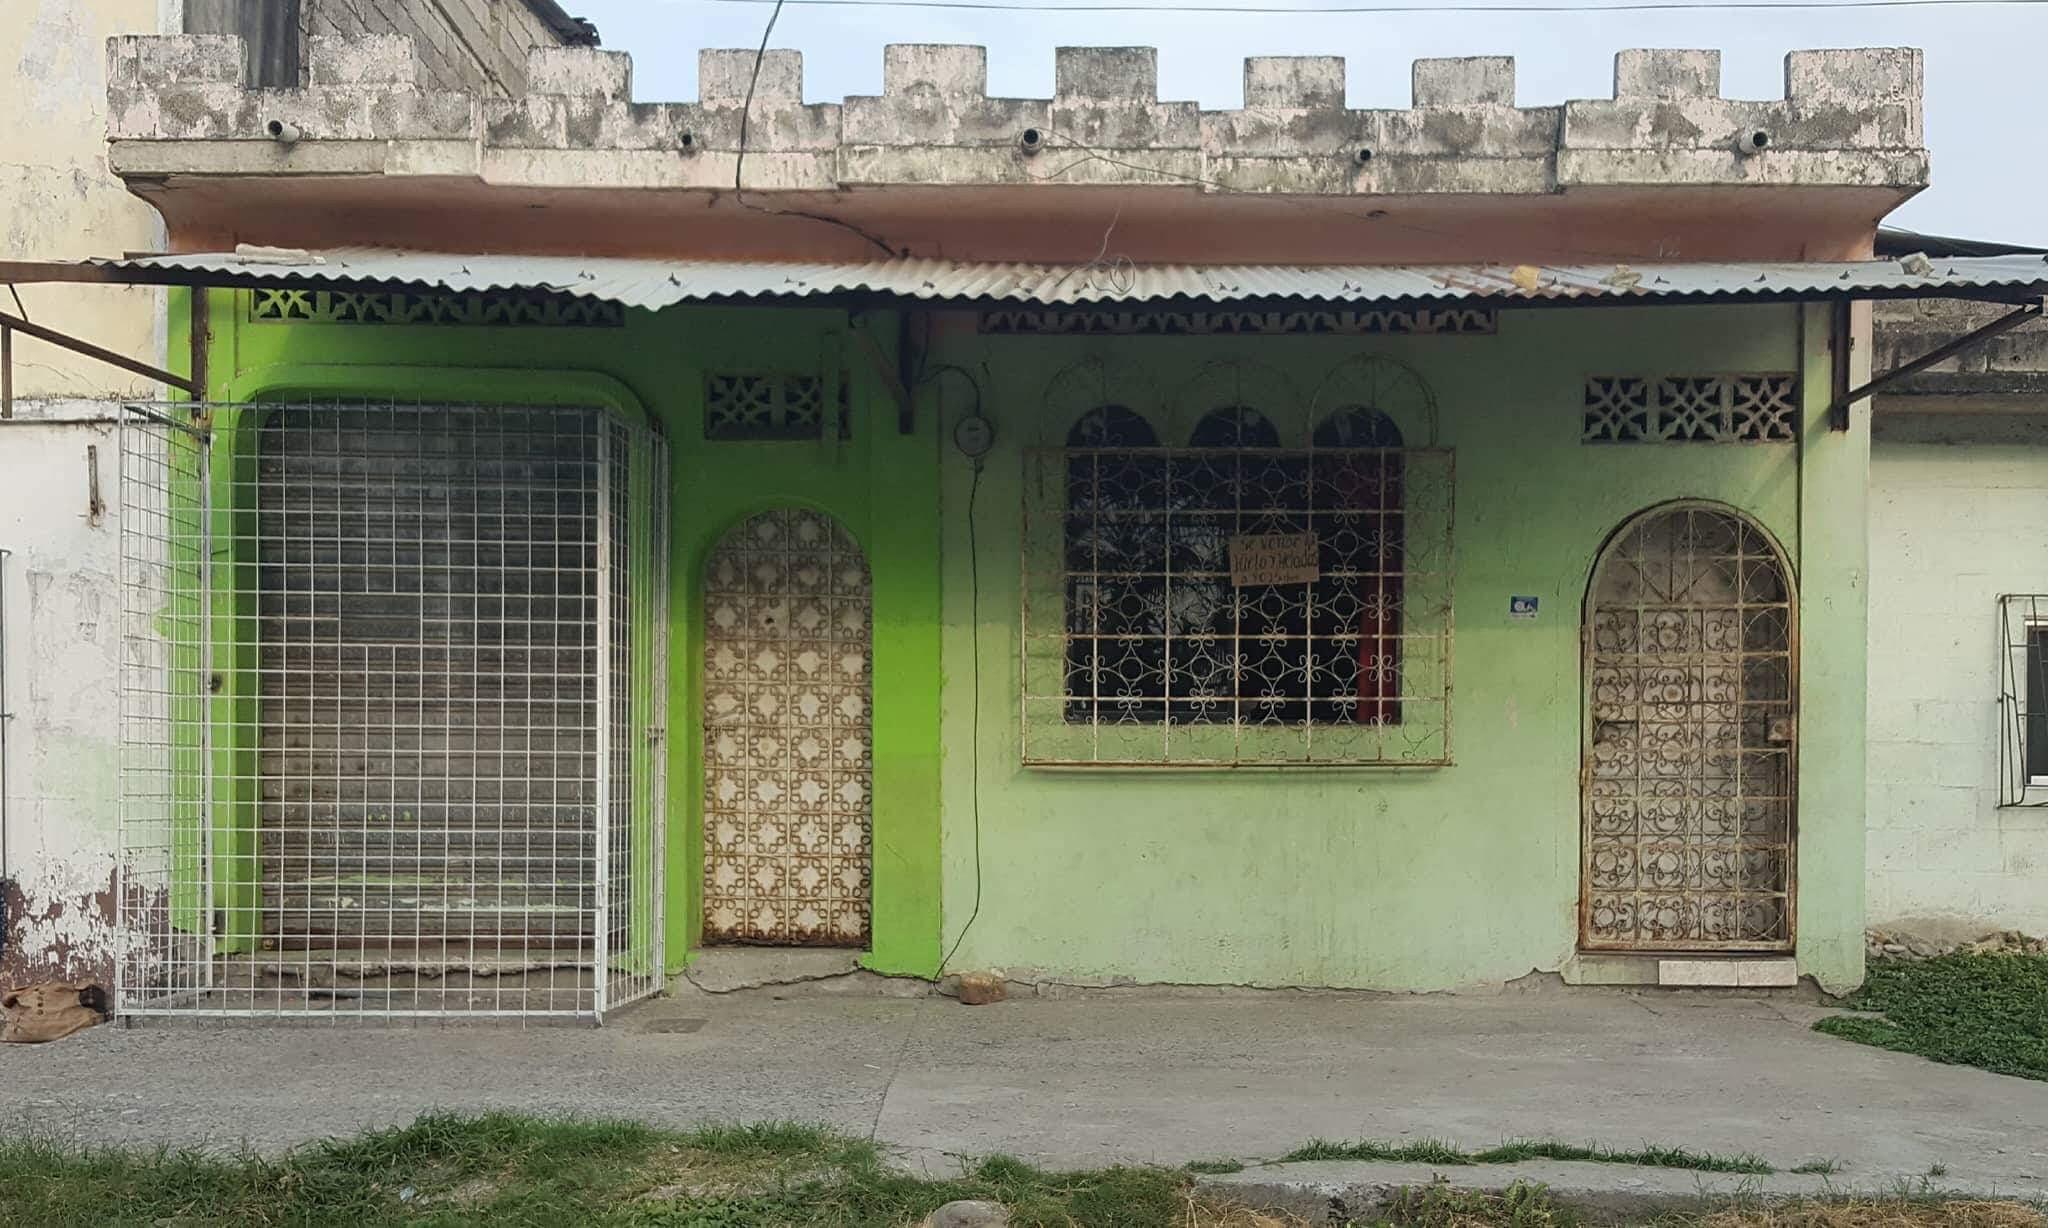 Vendere casa a sud di guayaquil gabinohome for Piani sud ovest della casa con cortile